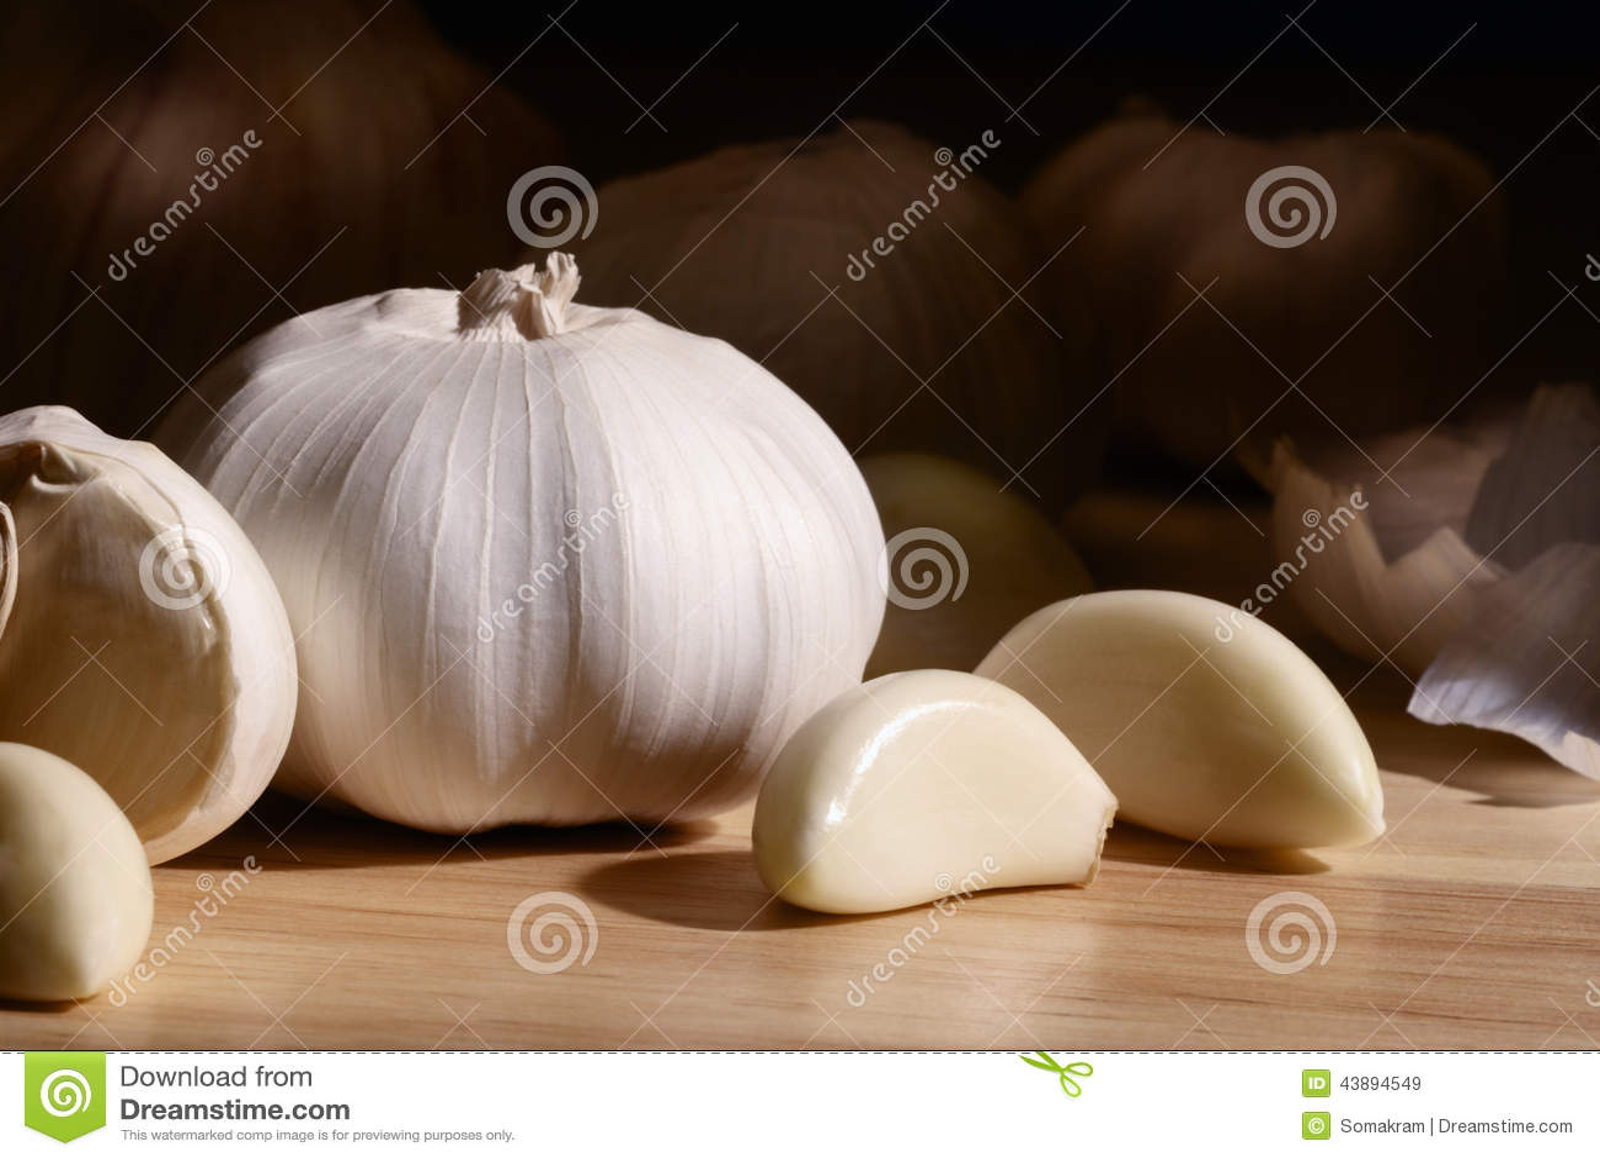 Σκόρδο